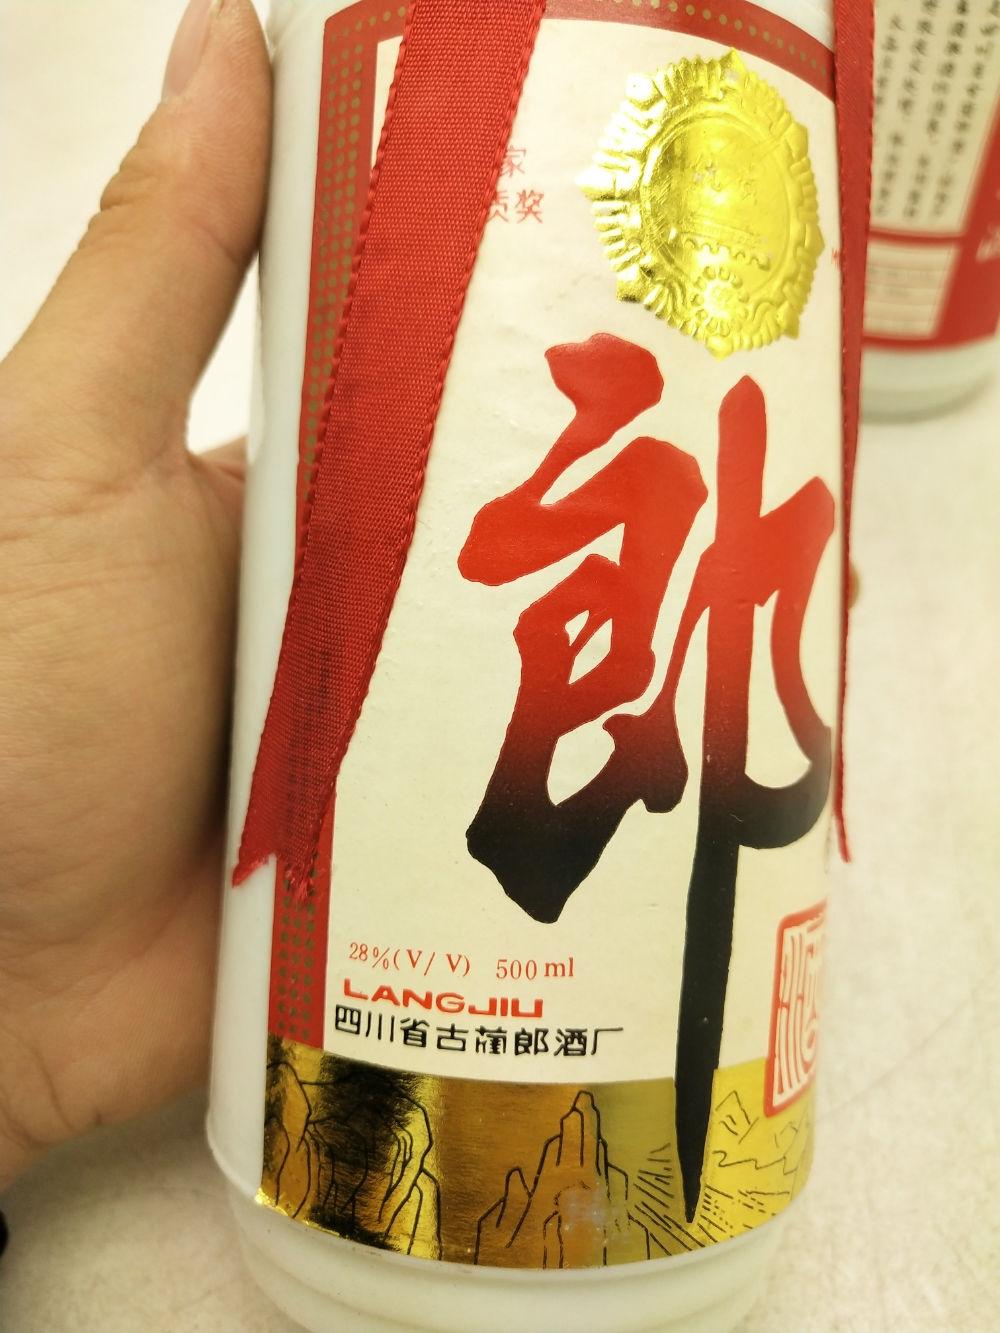 94年 28度 郎酒 3瓶 1000元